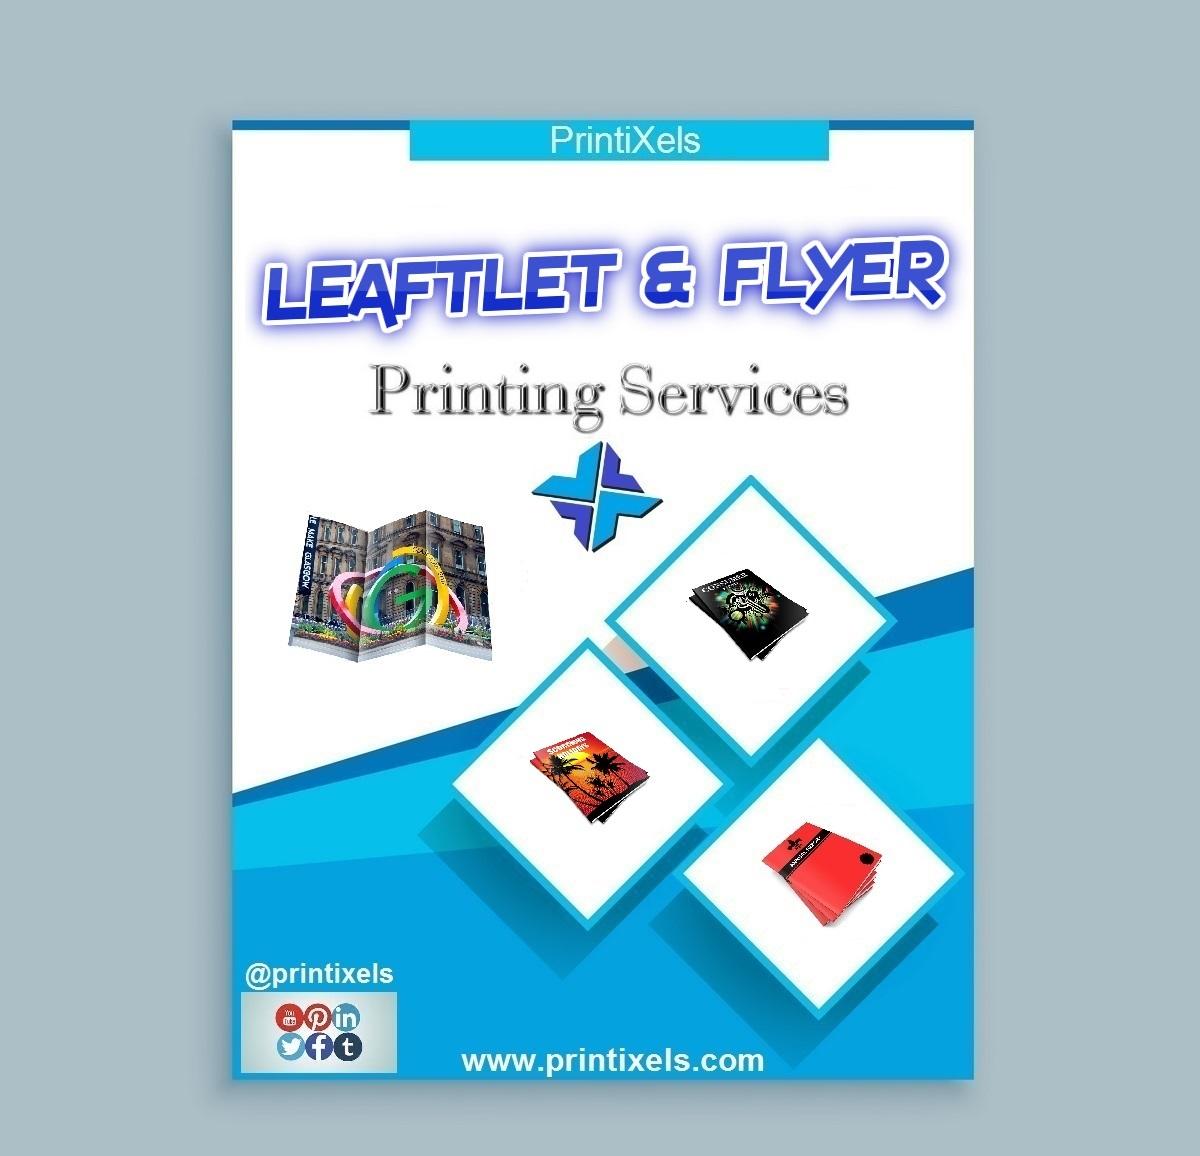 Leaflet & Flyer Printing Services